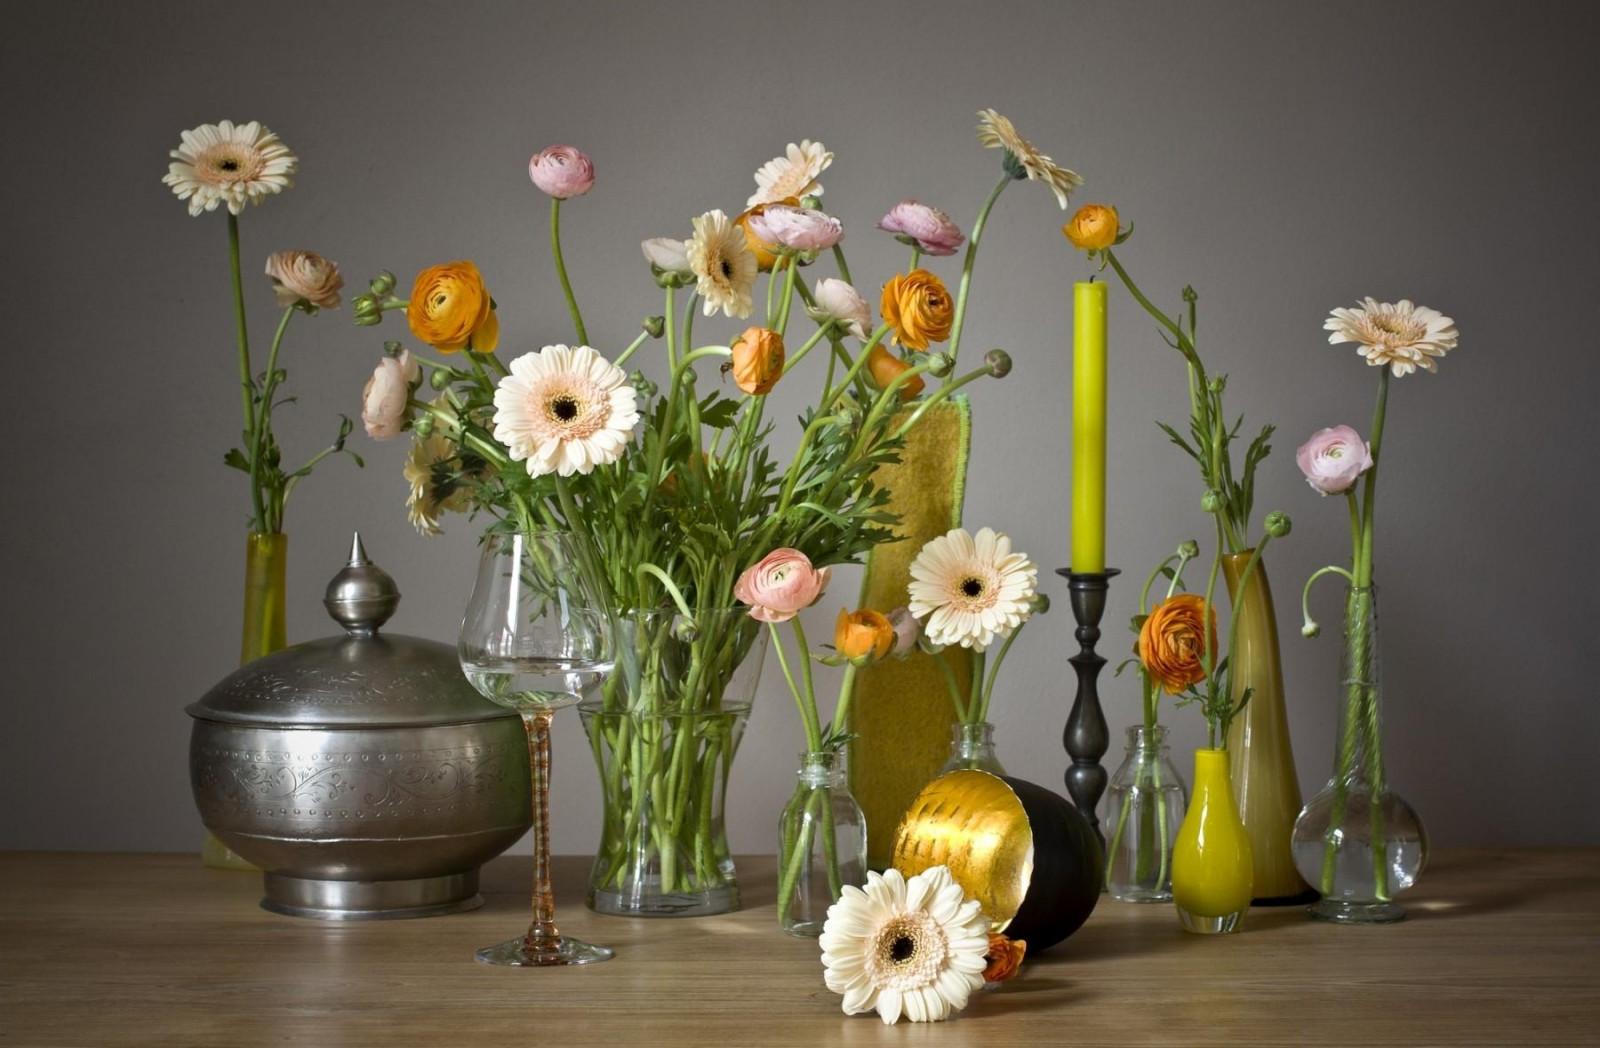 Картинки на ватсап цветы в необычных вазах, сделать